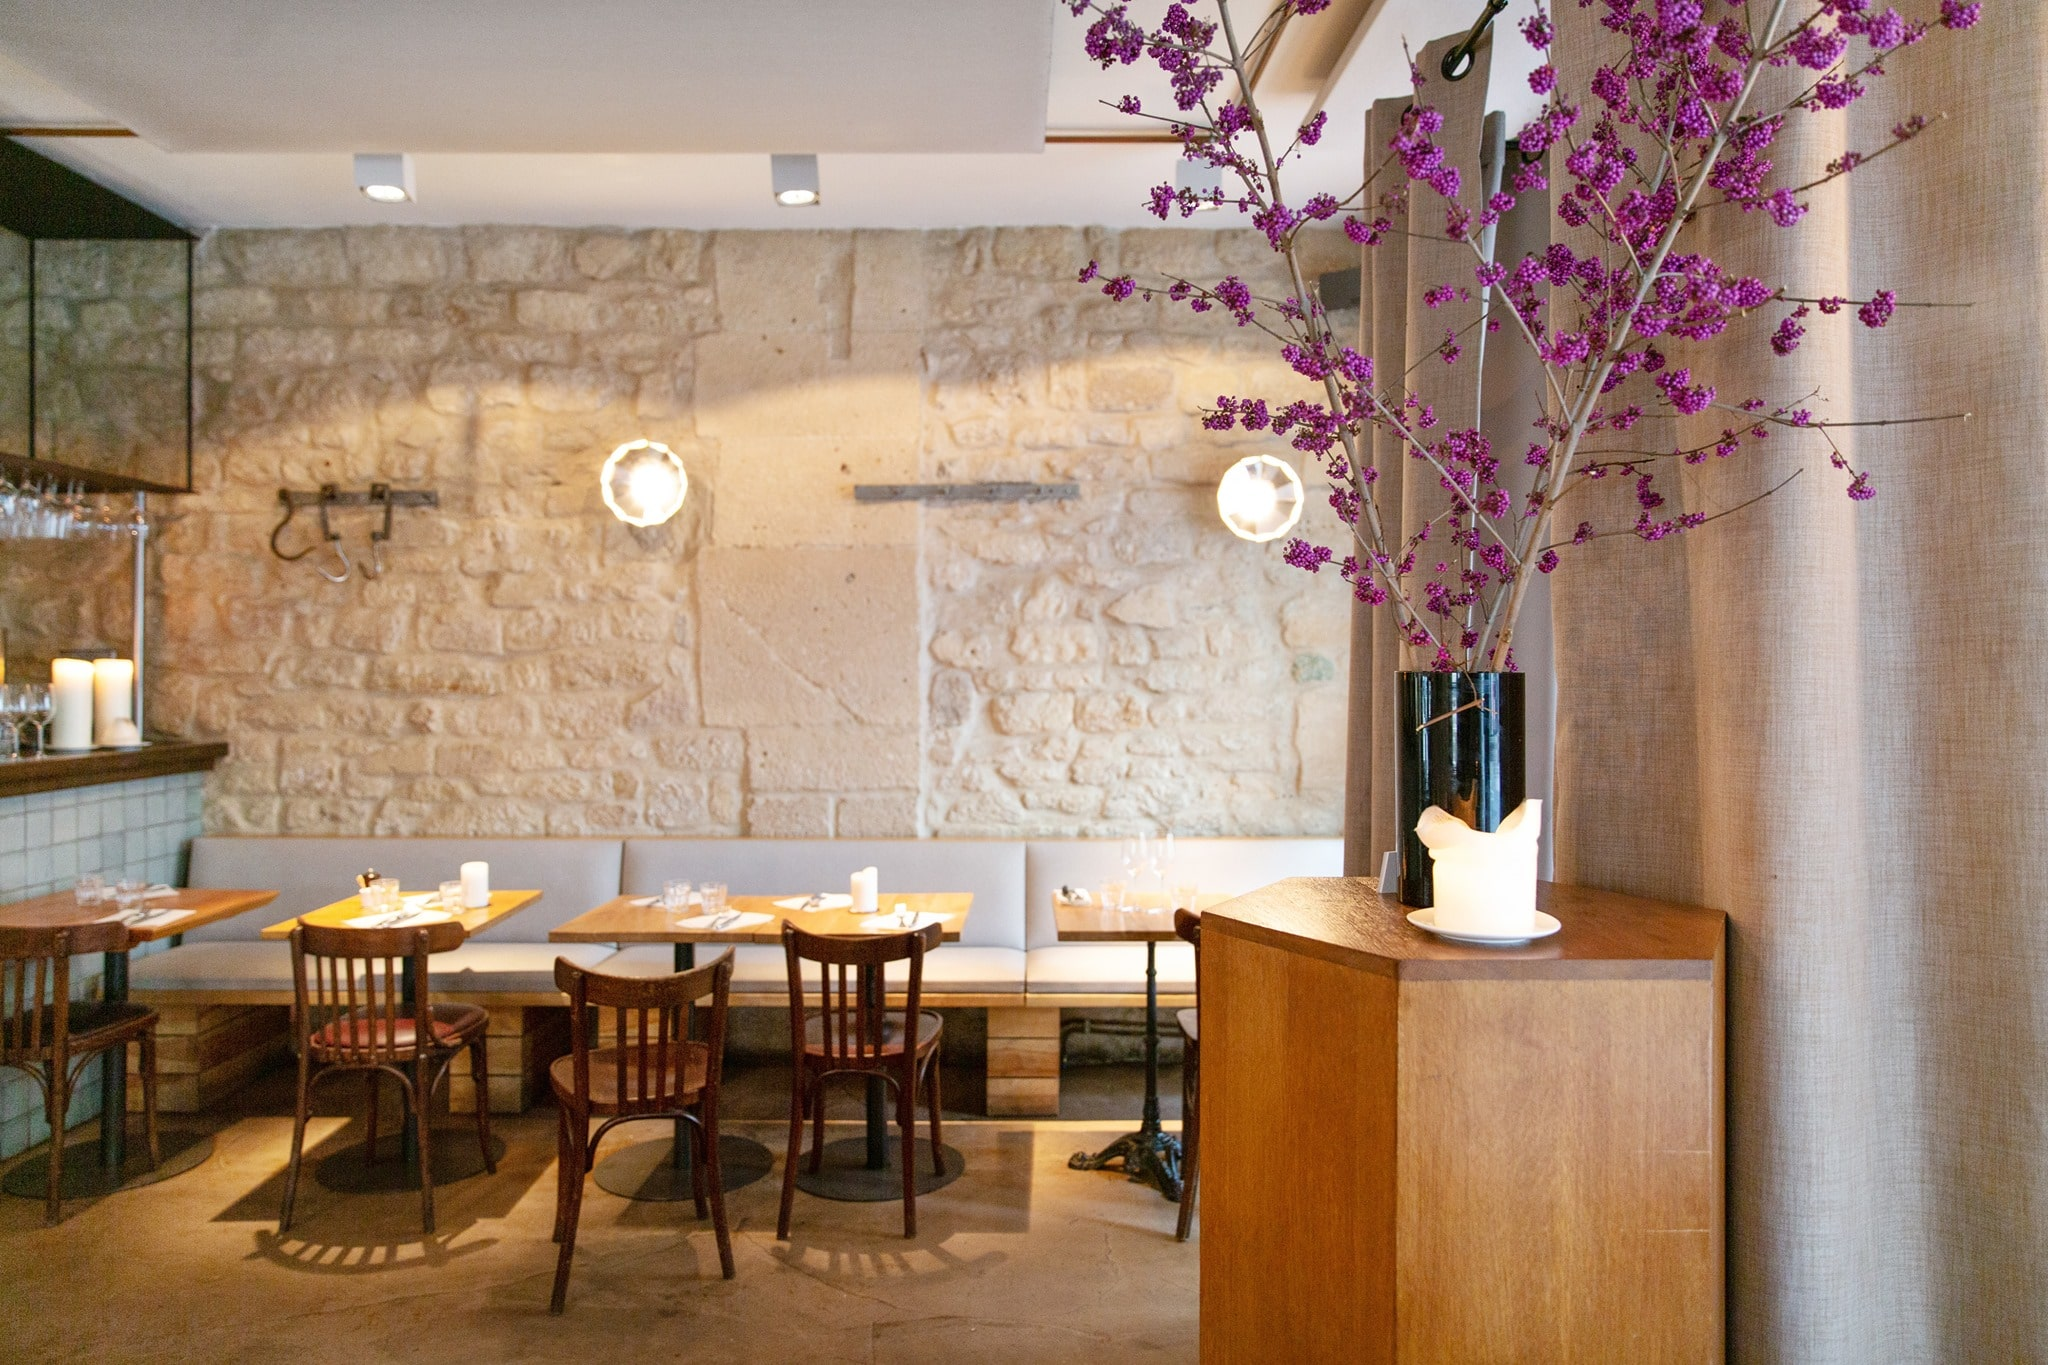 Biondi restaurant argentin Paris